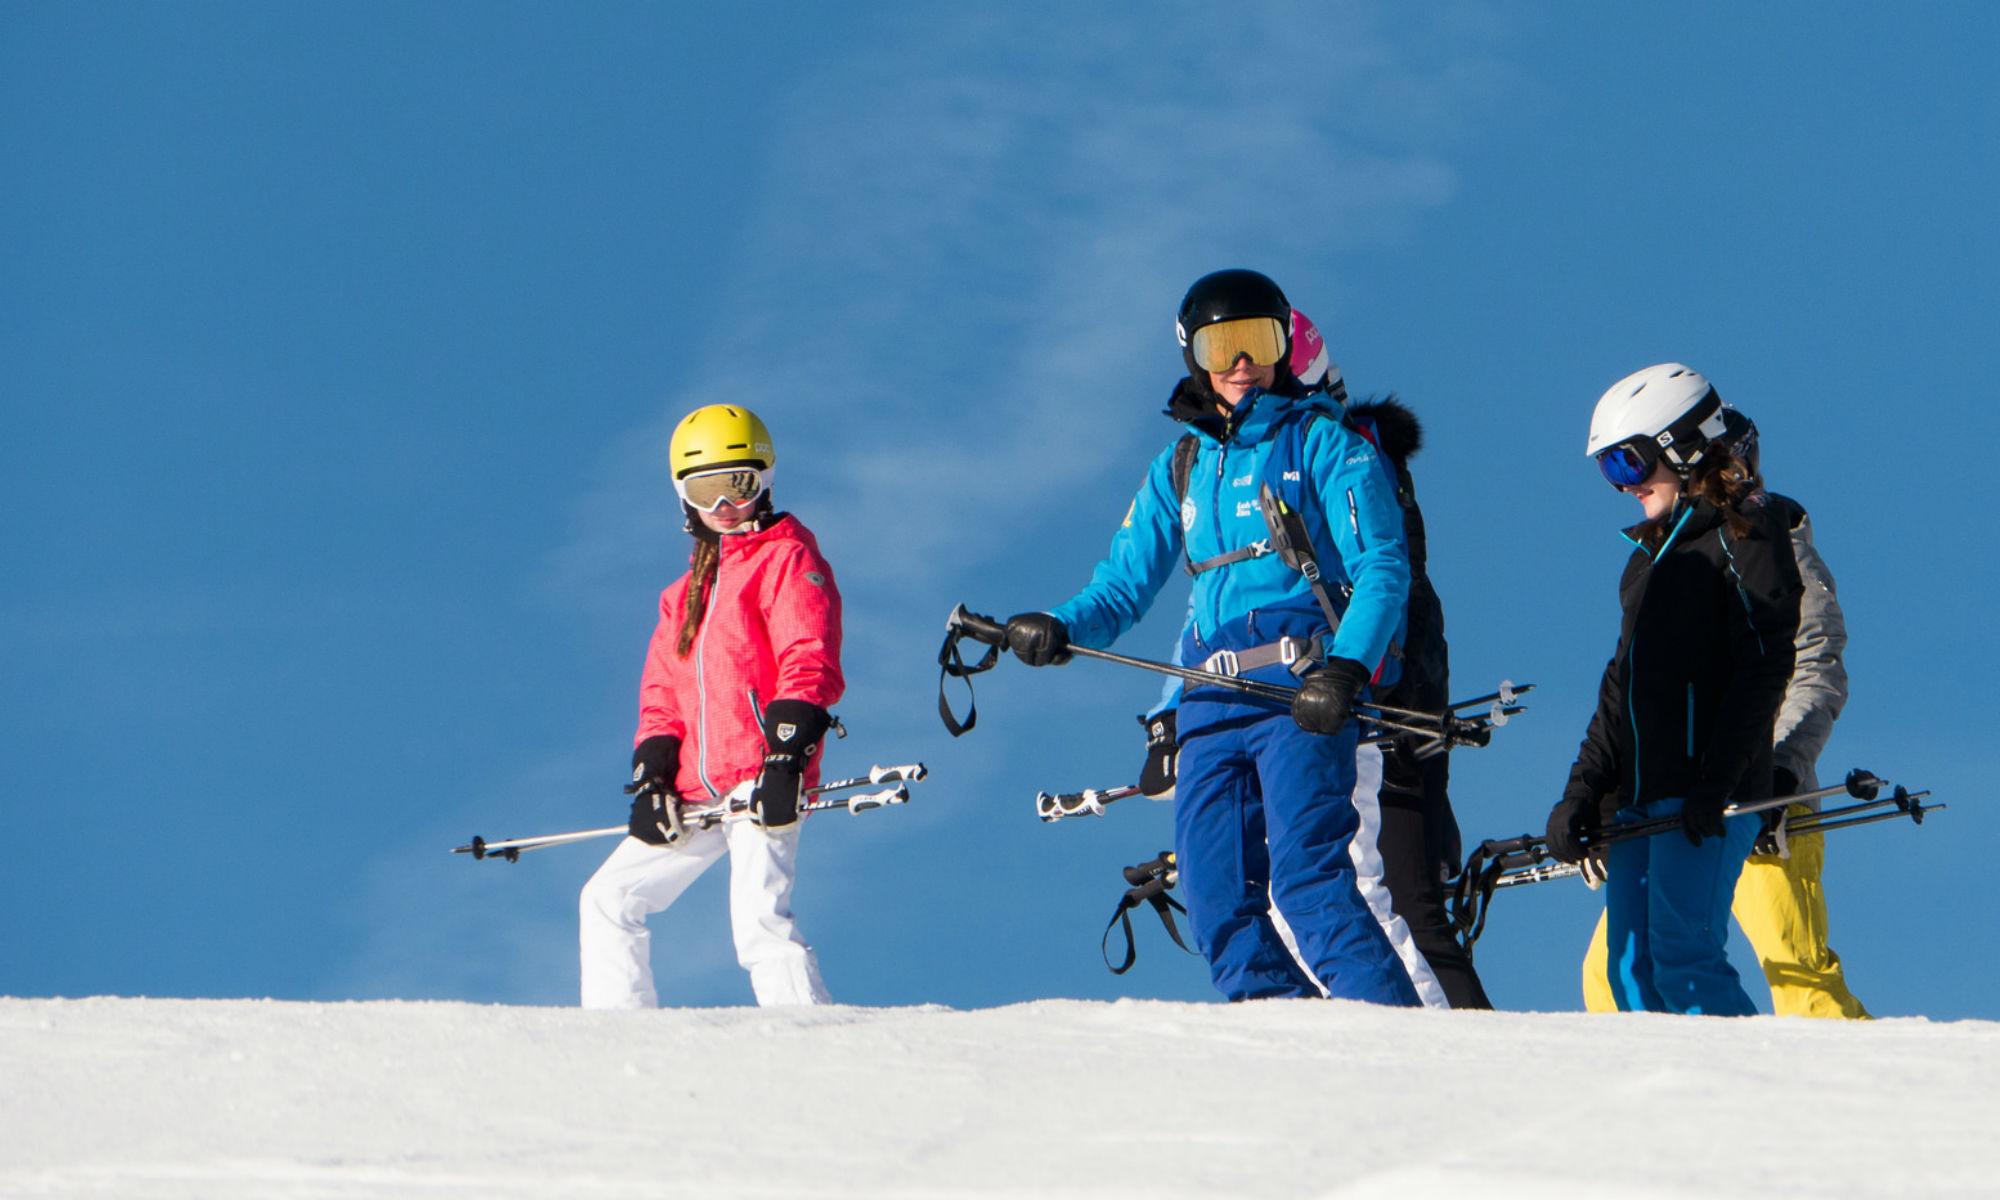 Eine Skilehrerin mit 4 Teenagern auf der sonnigen Skipiste.